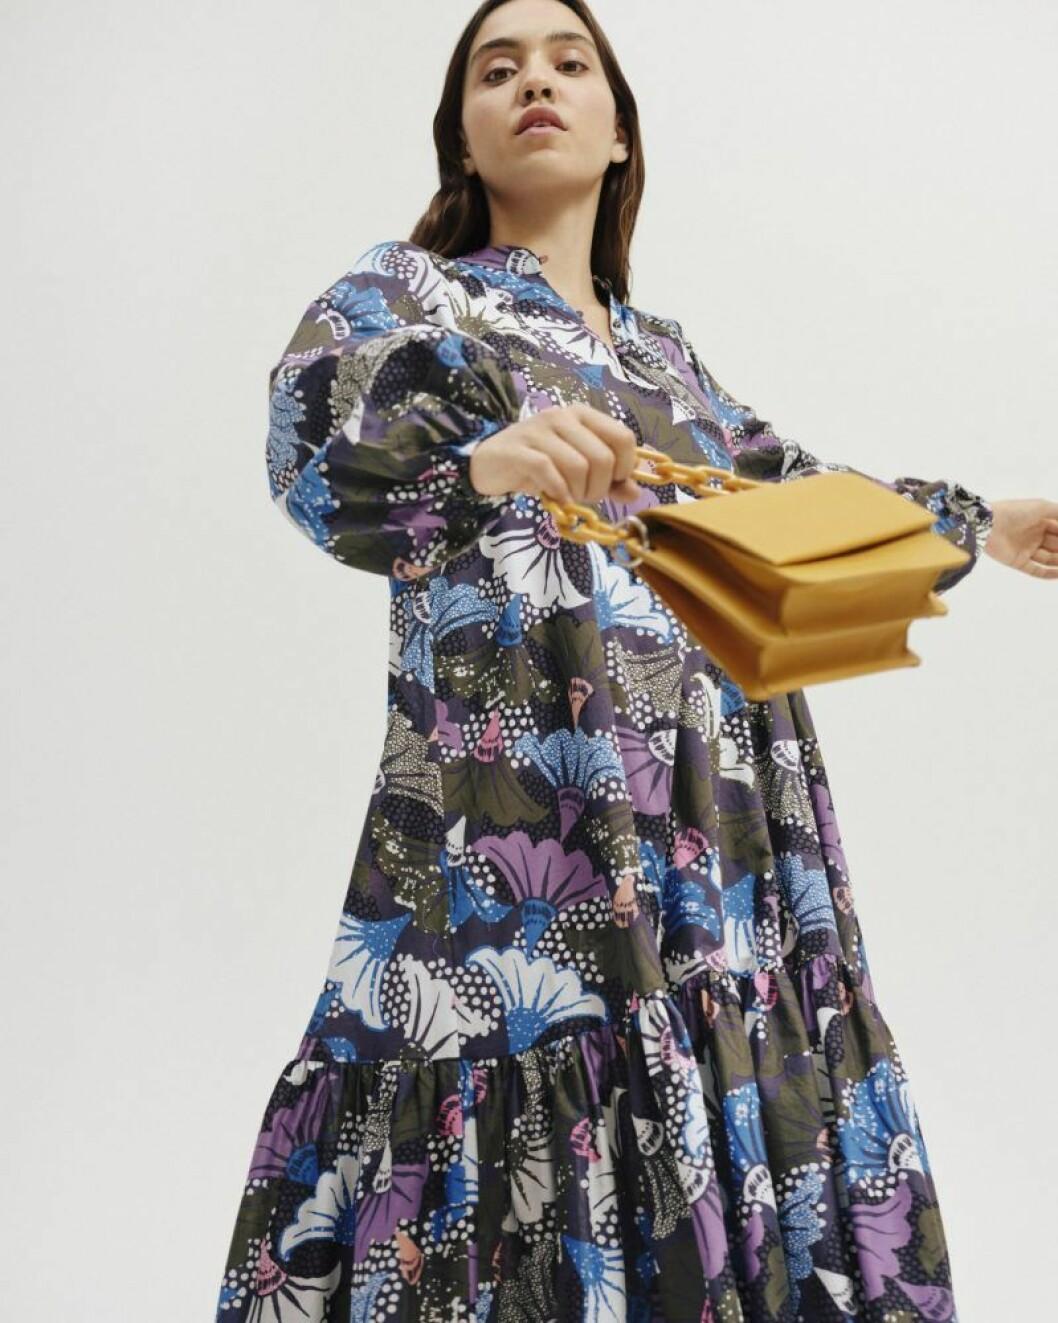 Mönstrad klänning och väska från Carin Wester till sommaren 2020